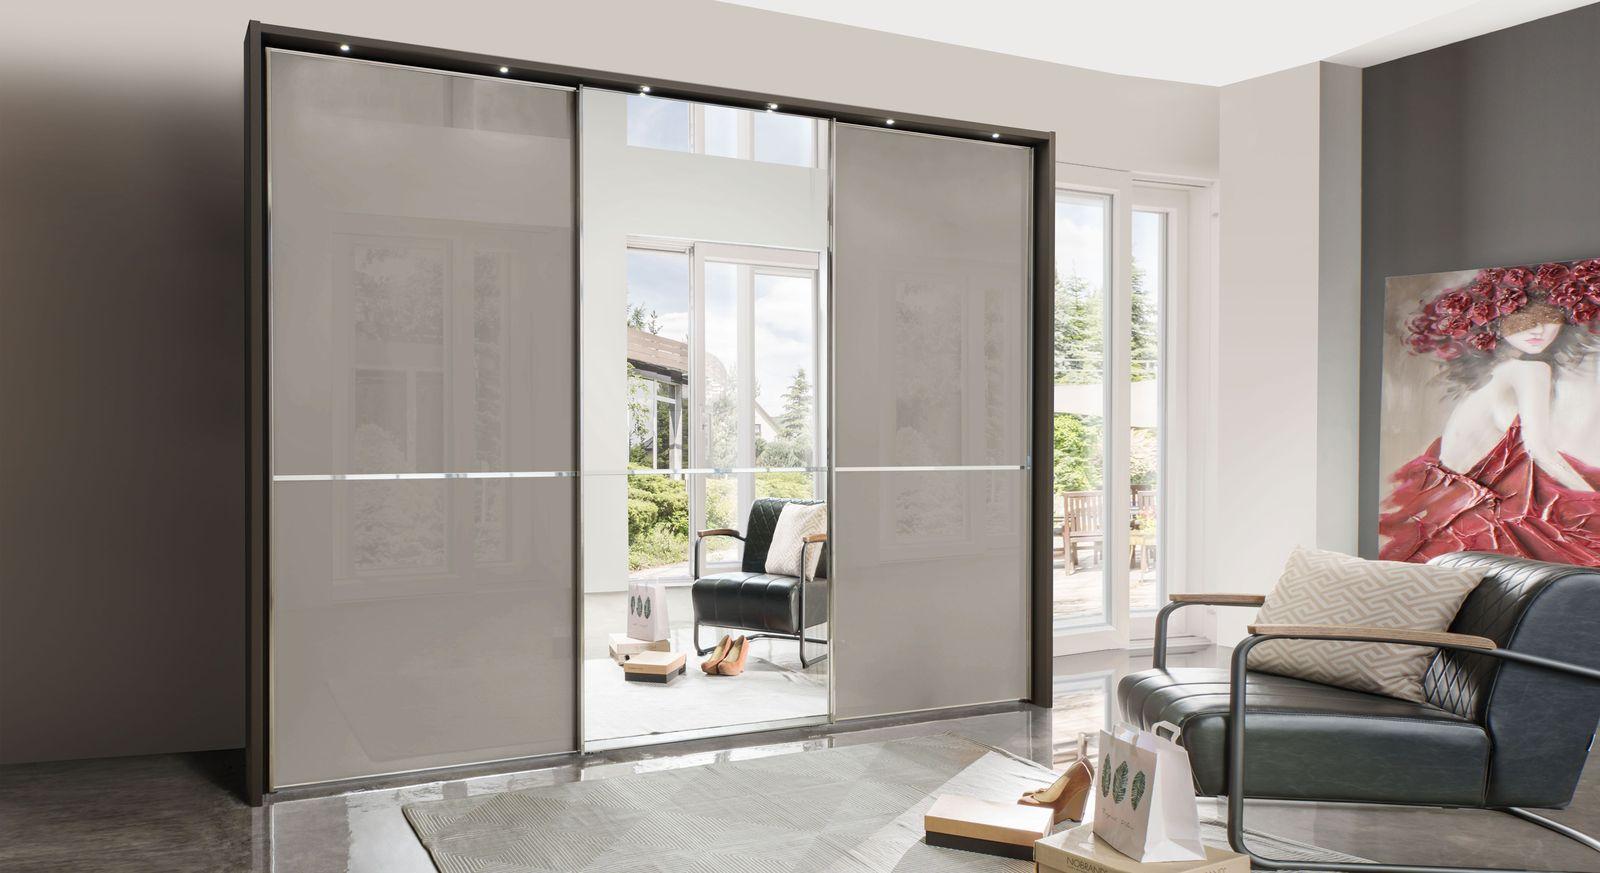 Spiegel-Kleiderschrank Butaco optional mit Beleuchtung